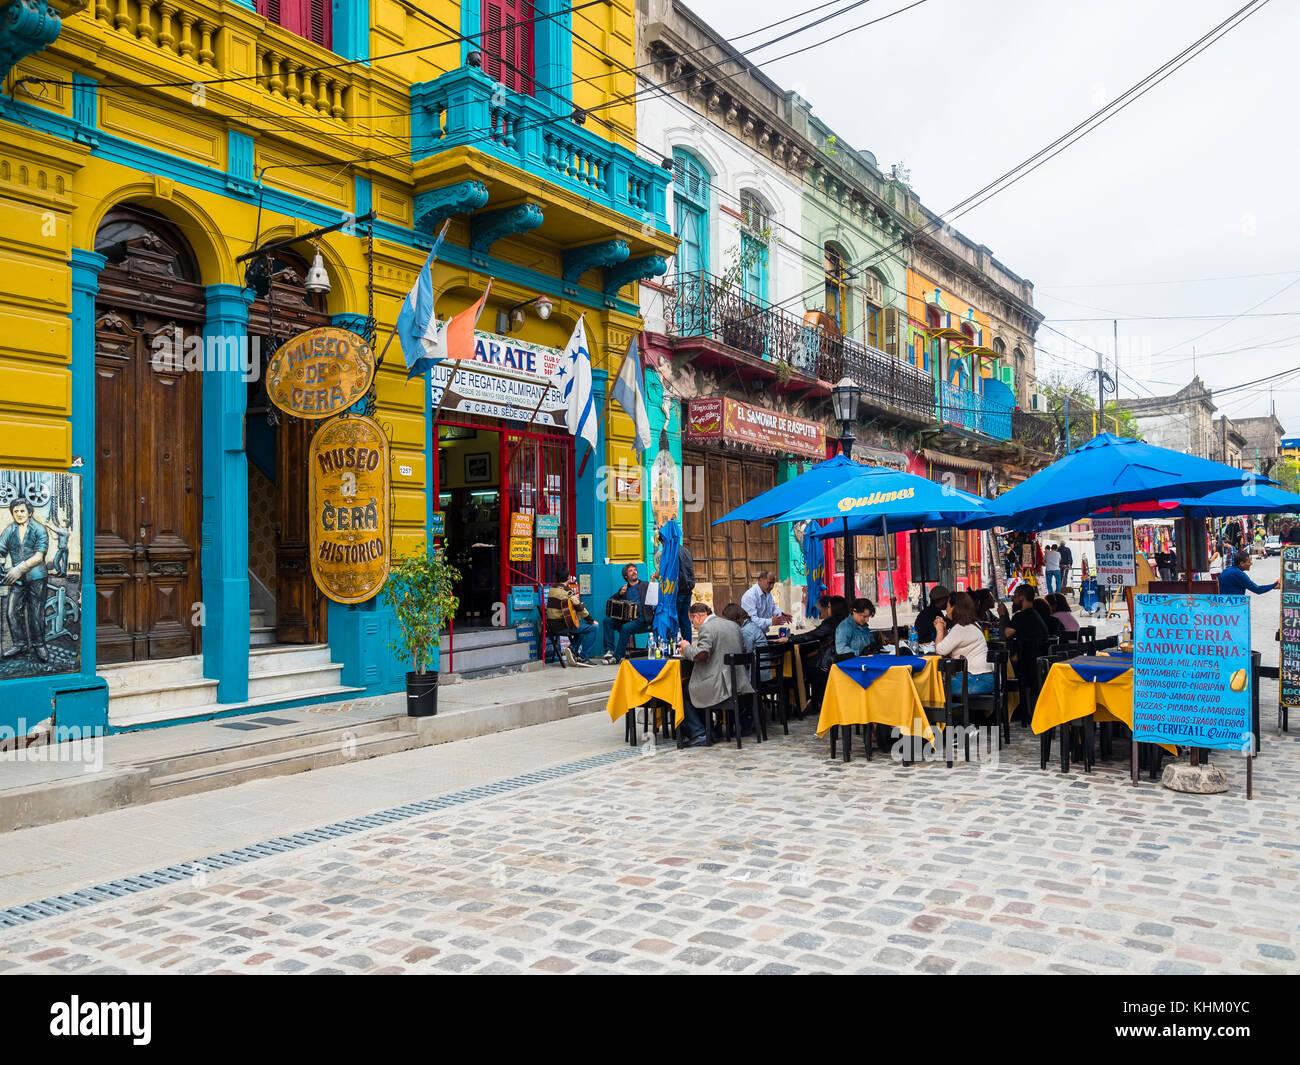 Restaurant in the pedestrian precinct El Caminito, La Boca district, Buenos Aires, Argentina - Stock Image